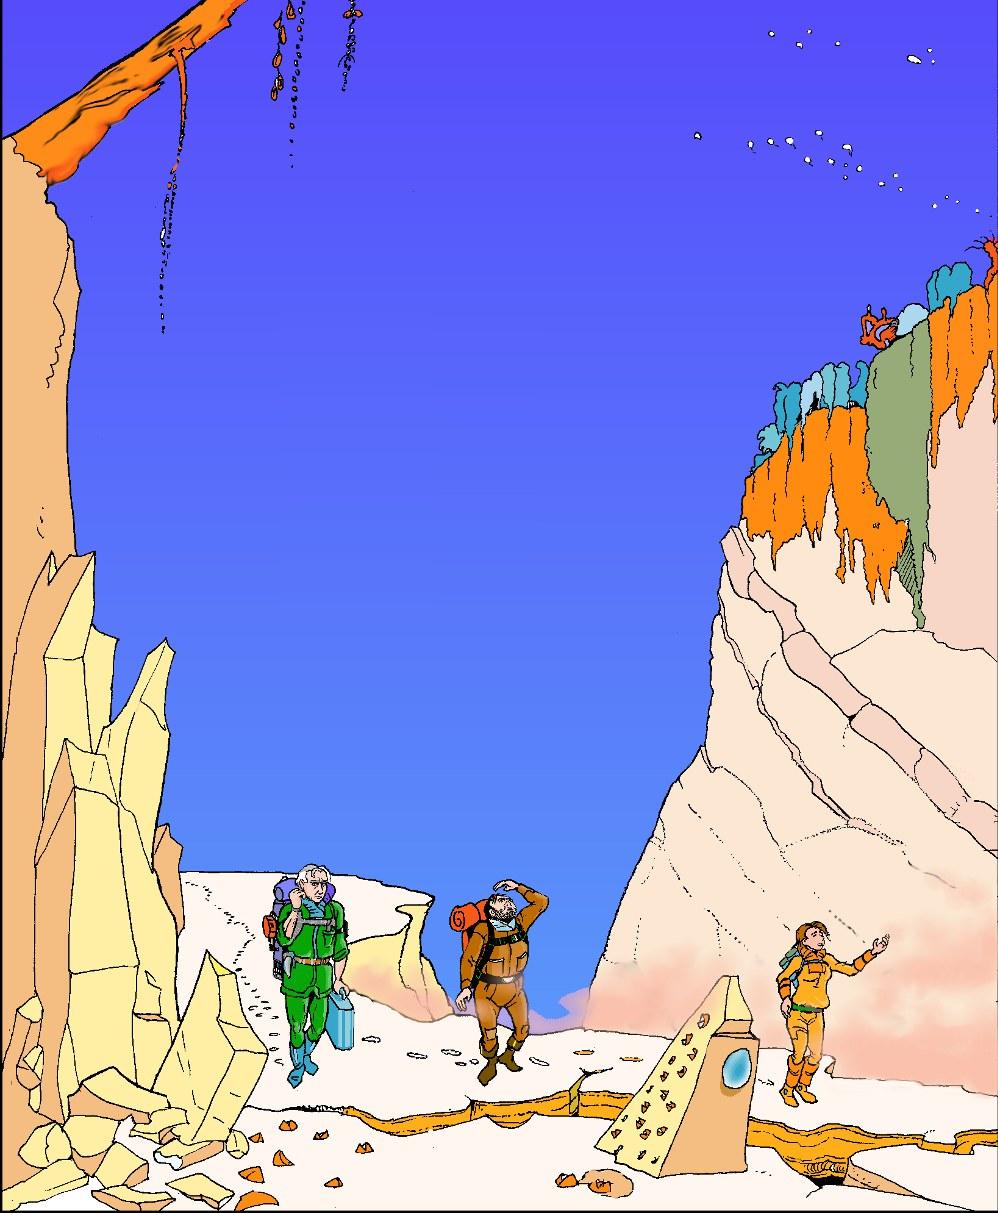 xploration - tirée des Voyages du Jules-Verne, où l'influence de Moebius se fait sentir.